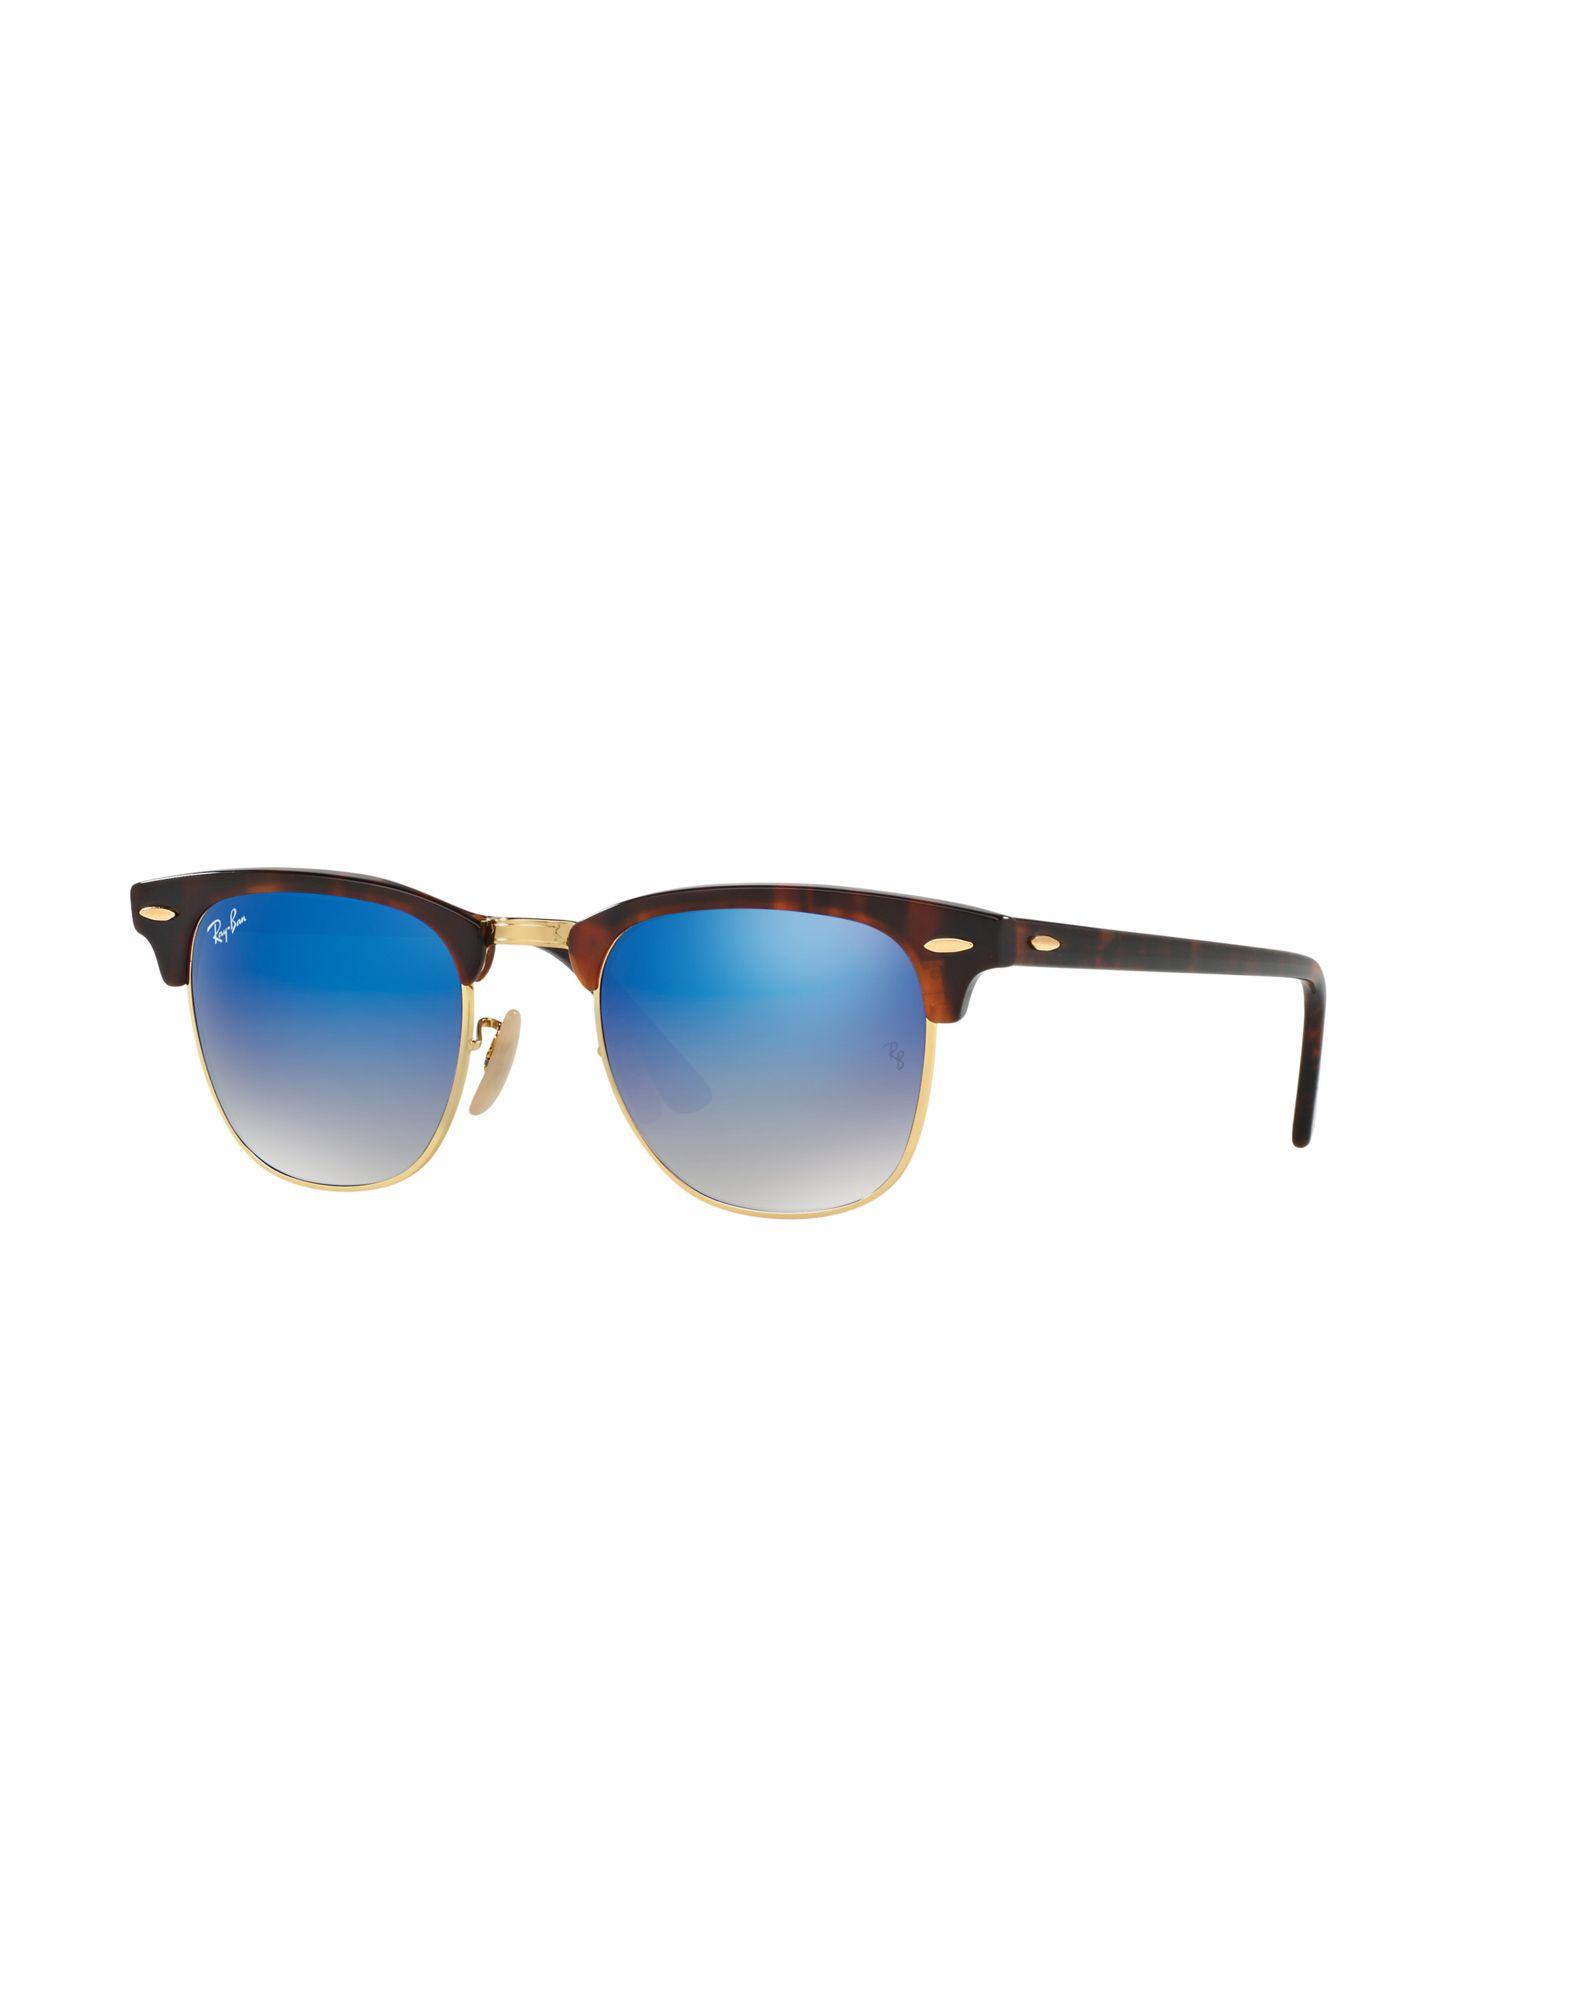 Occhiali Da Sole Ray-Ban Rb3016 Clubmaster - Uomo - Acquista online su